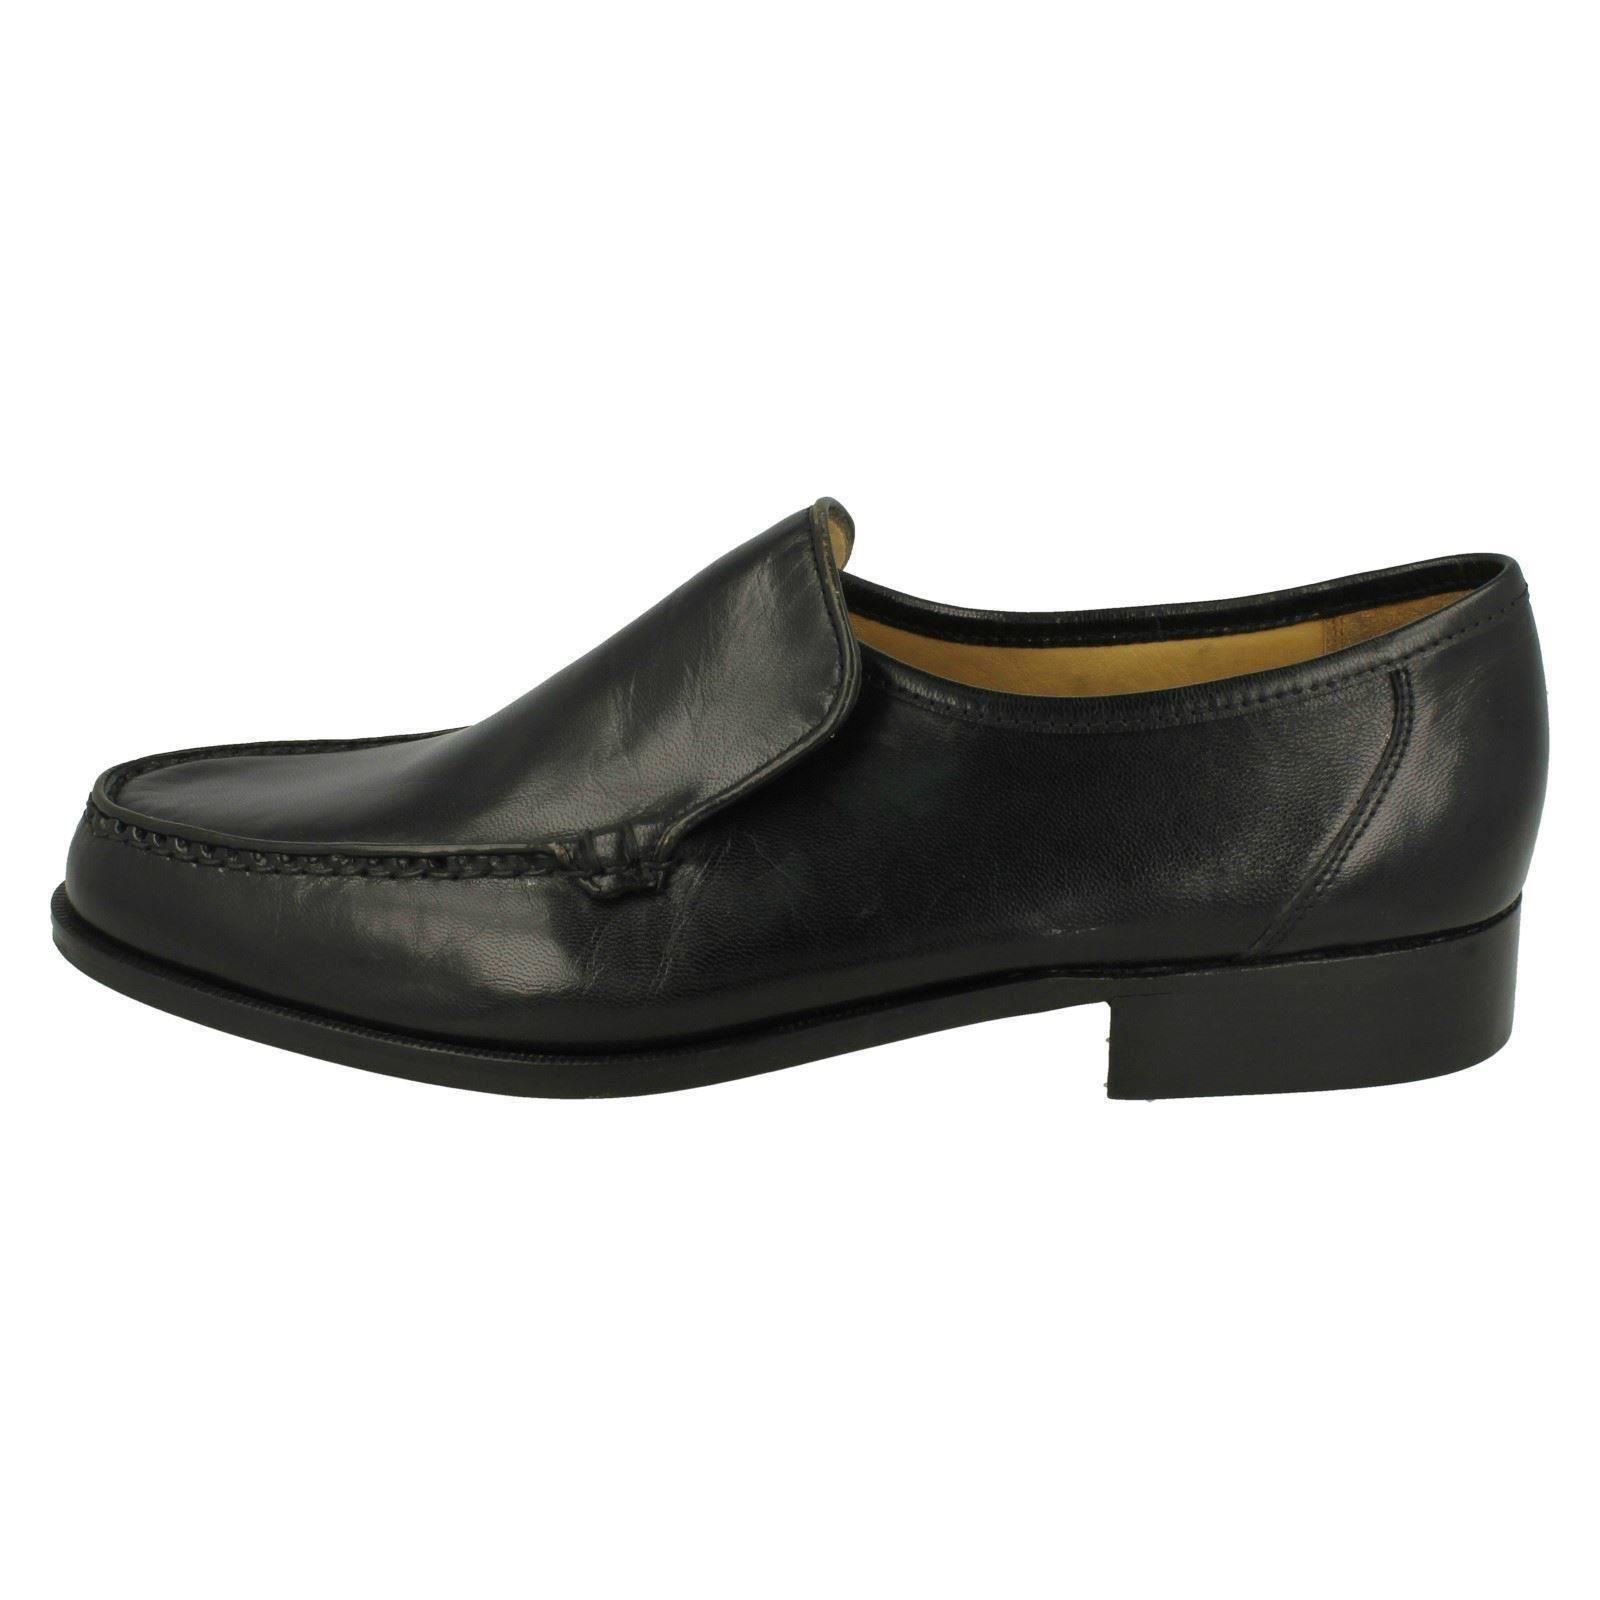 Hombre Thomas Blunt sin Cordones Zapatos Zapatos Cordones Formales 'Illinois' 319cd7